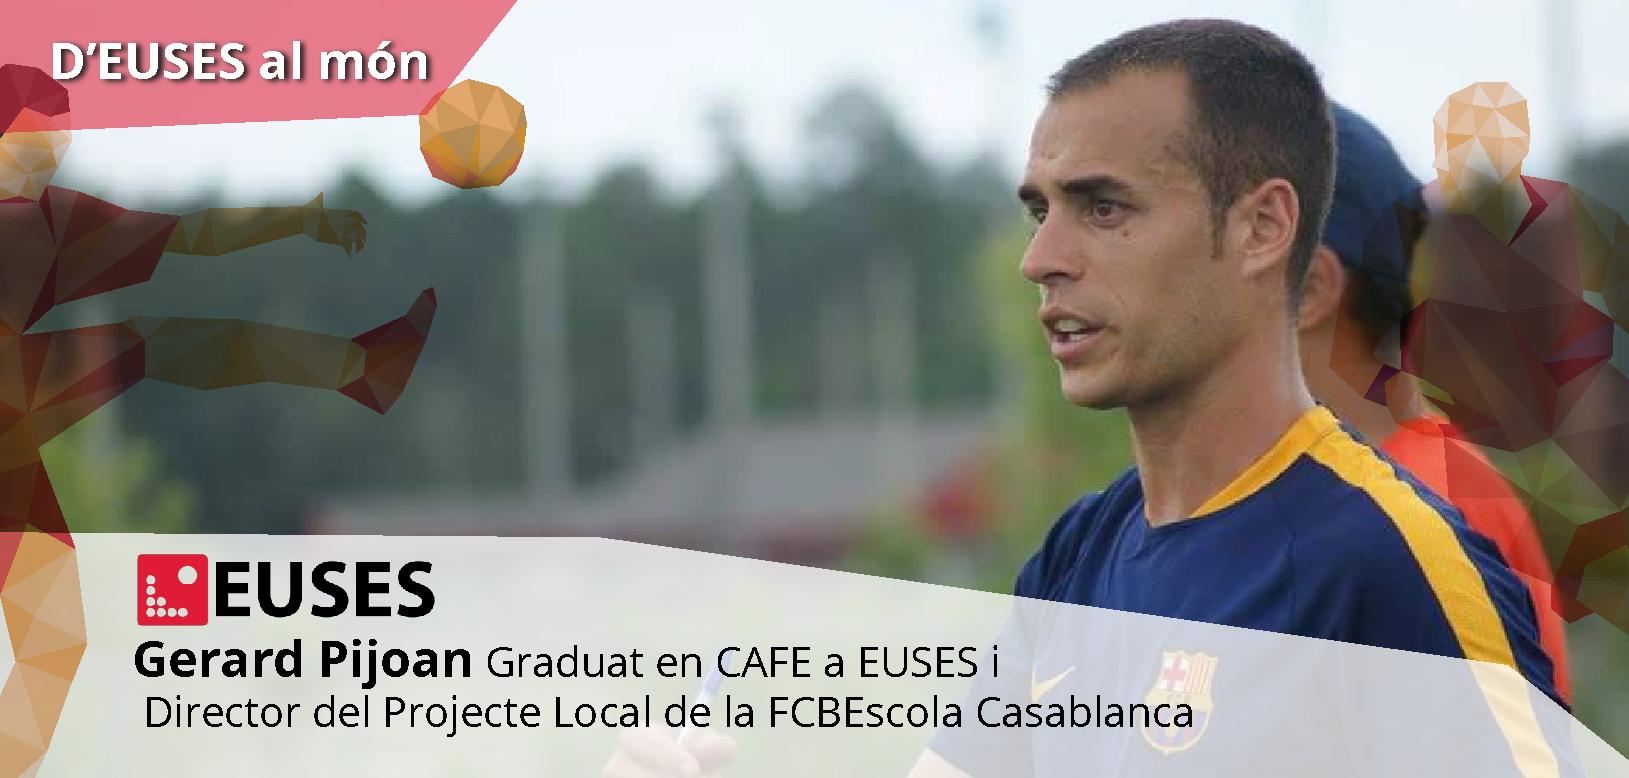 Gerard Pijoan, Director del Projecte Local de la FCBEscola Casablanca